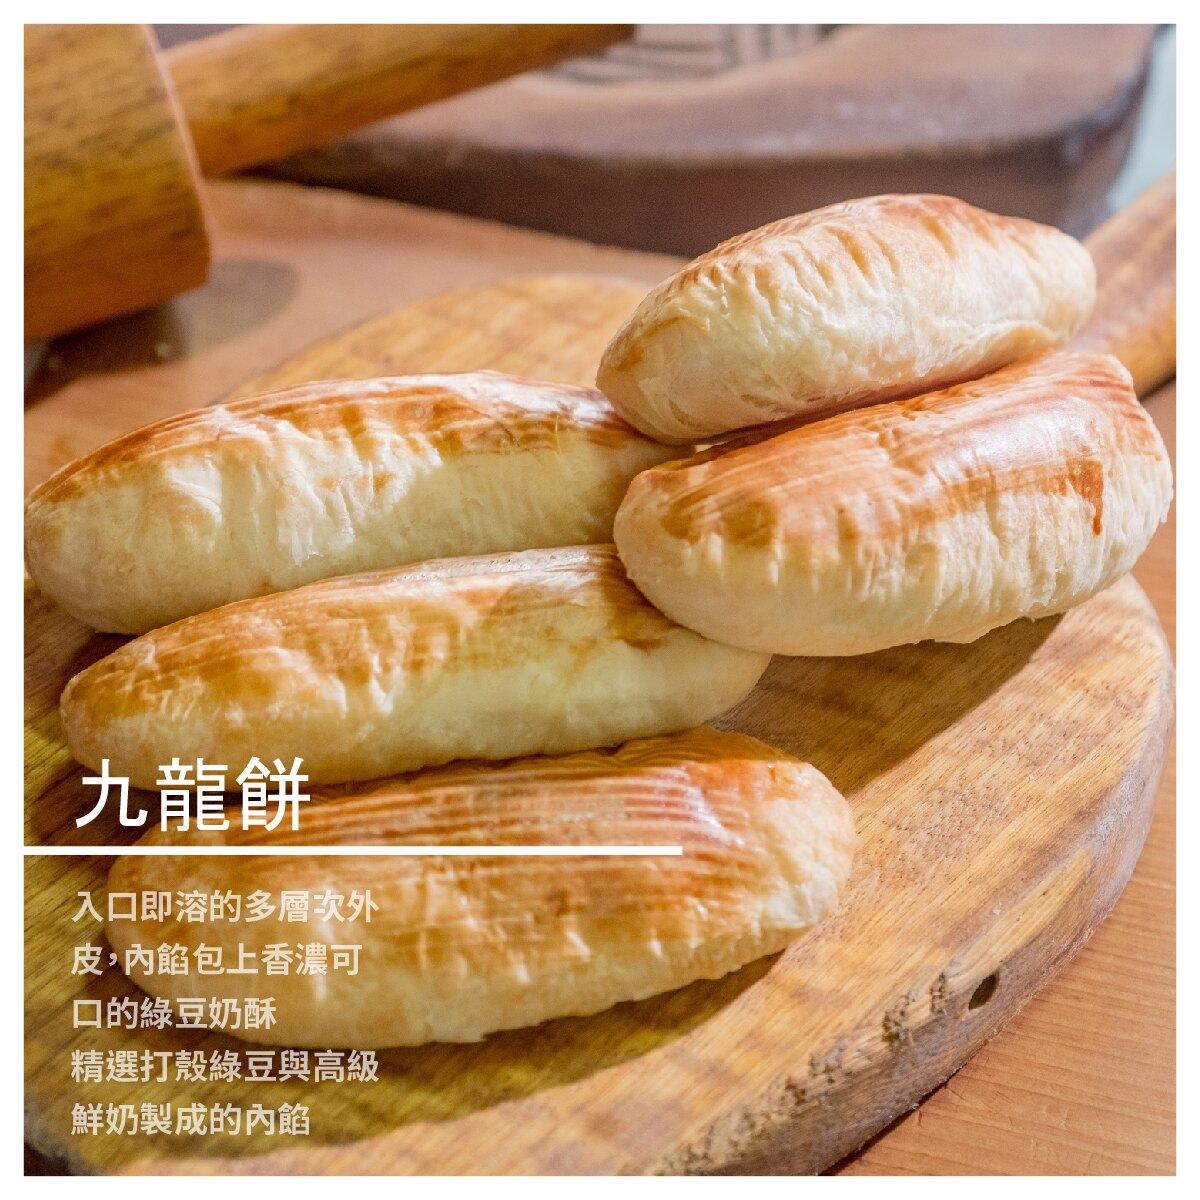 【蘭馨齋餅舖】鹿港民俗茶點 九龍餅 /  奶素  6入裝